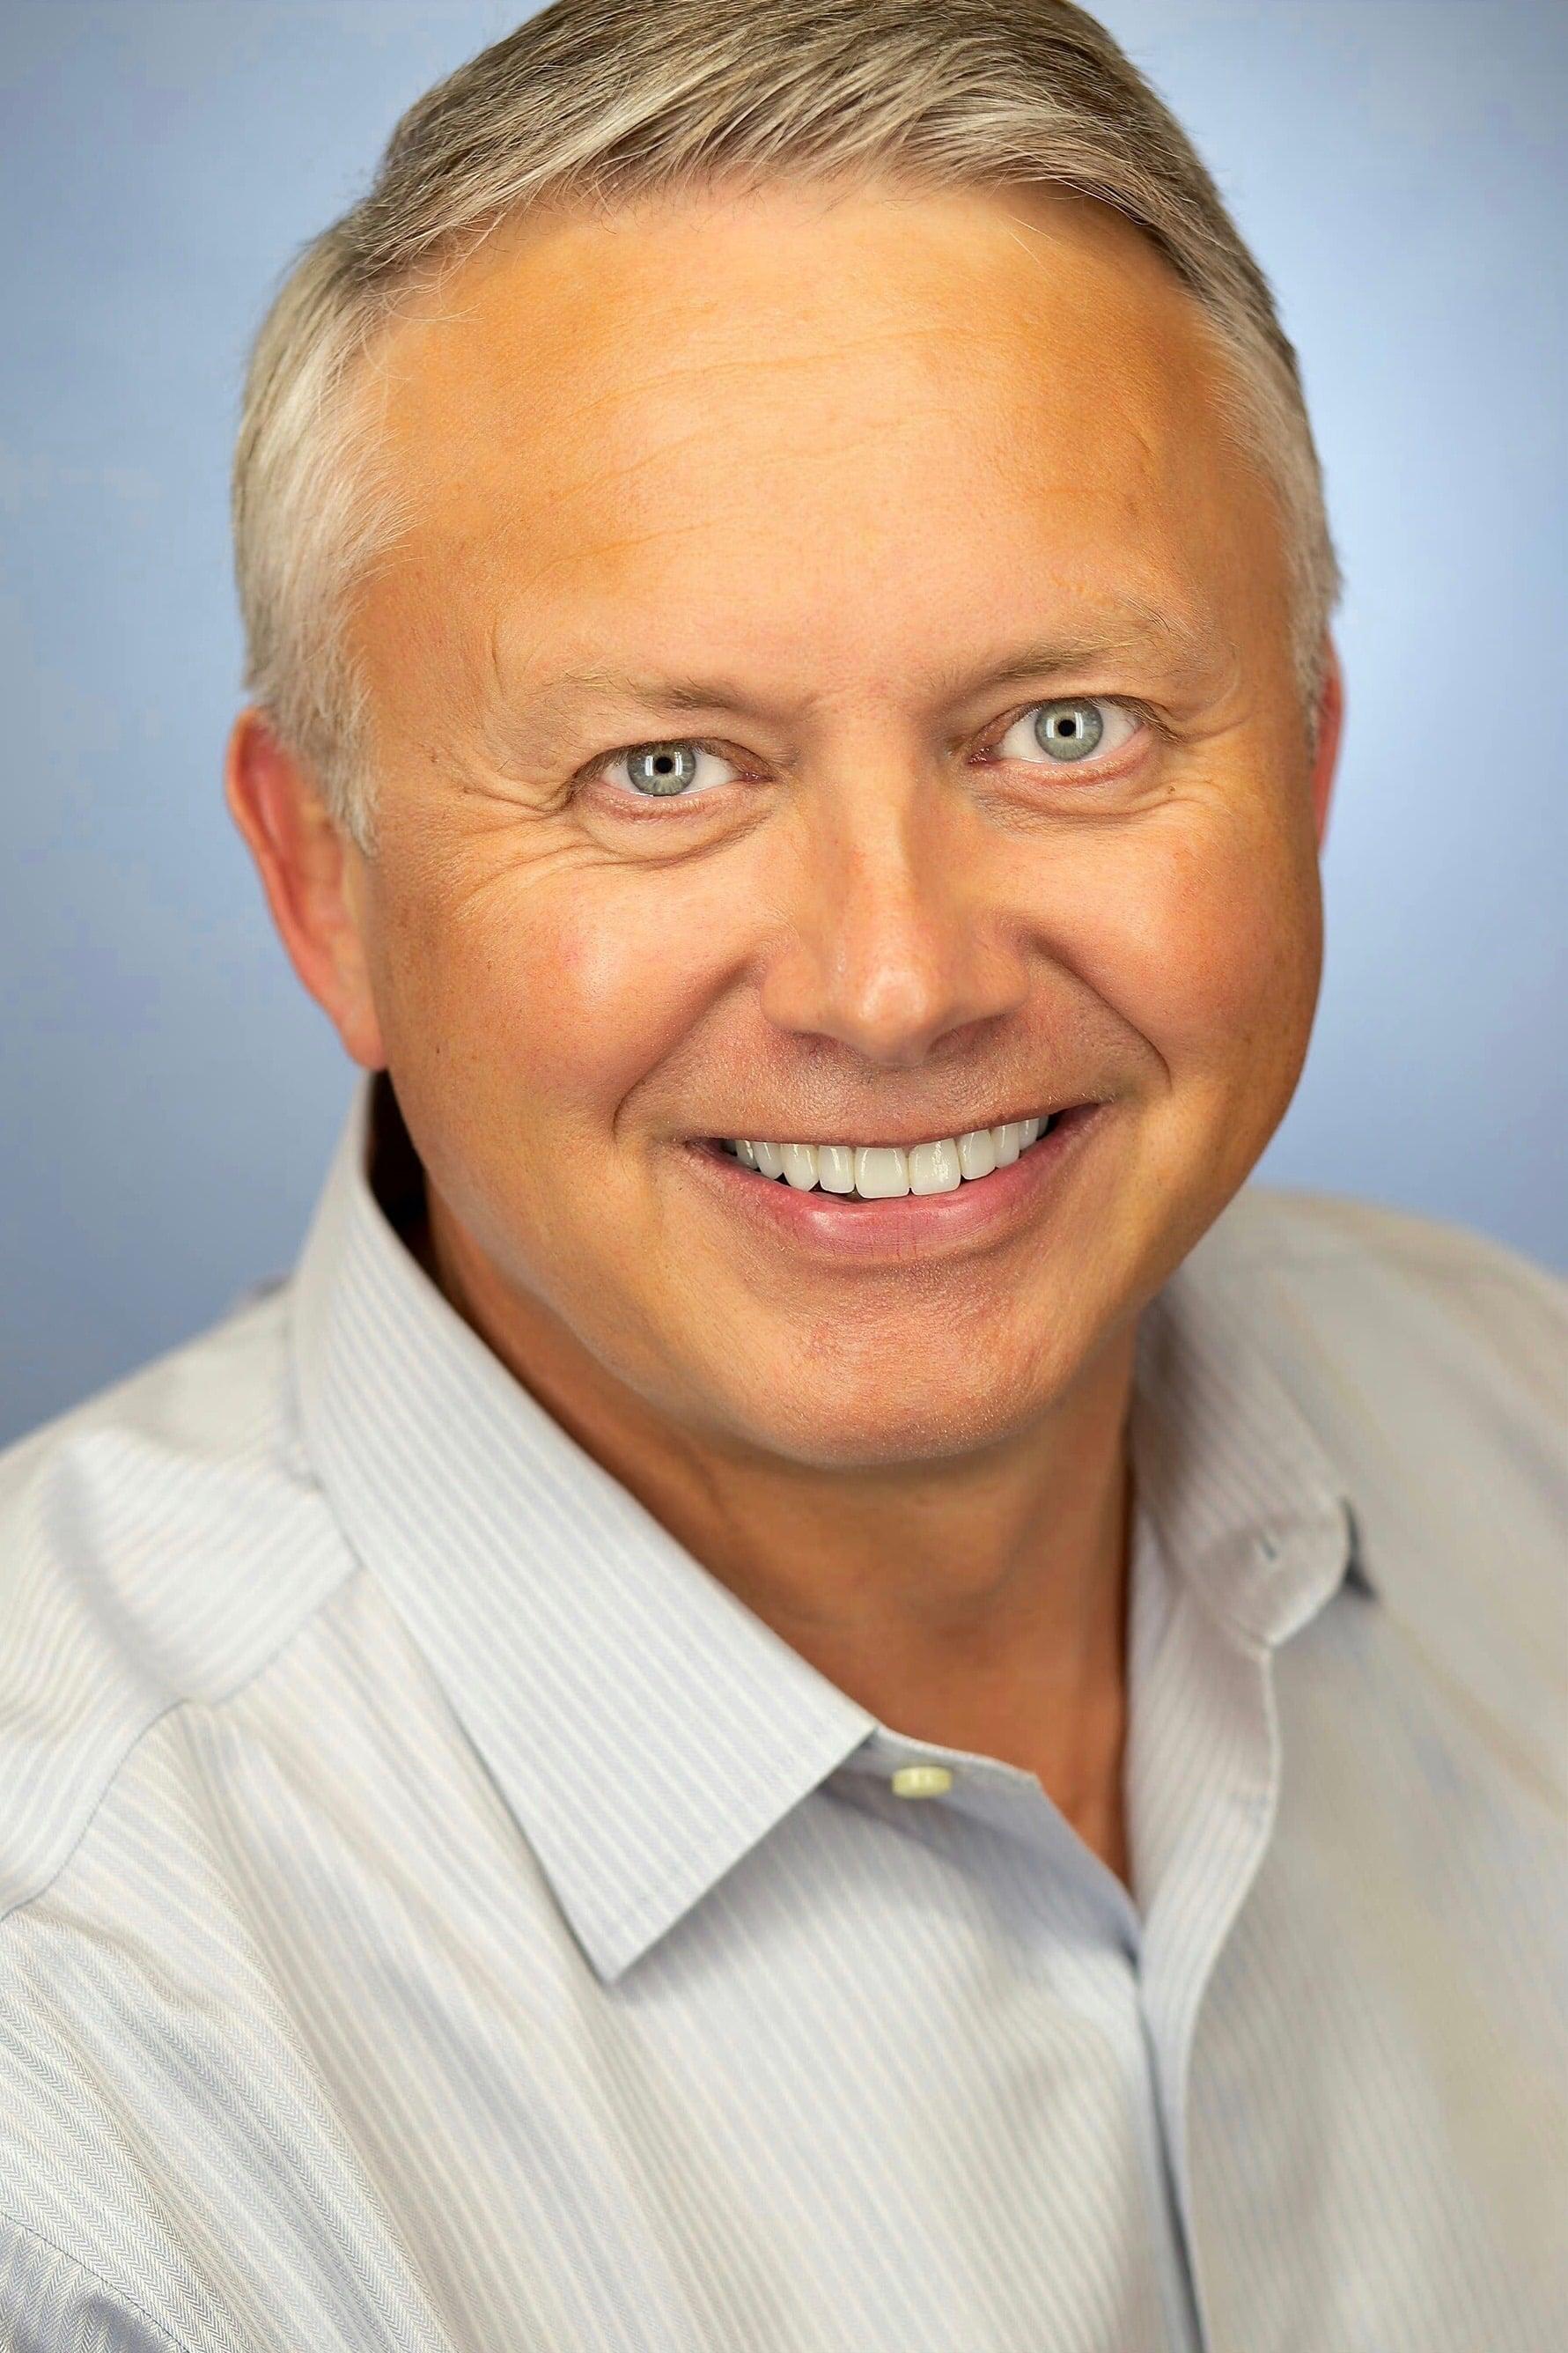 Lawrence Jonasson